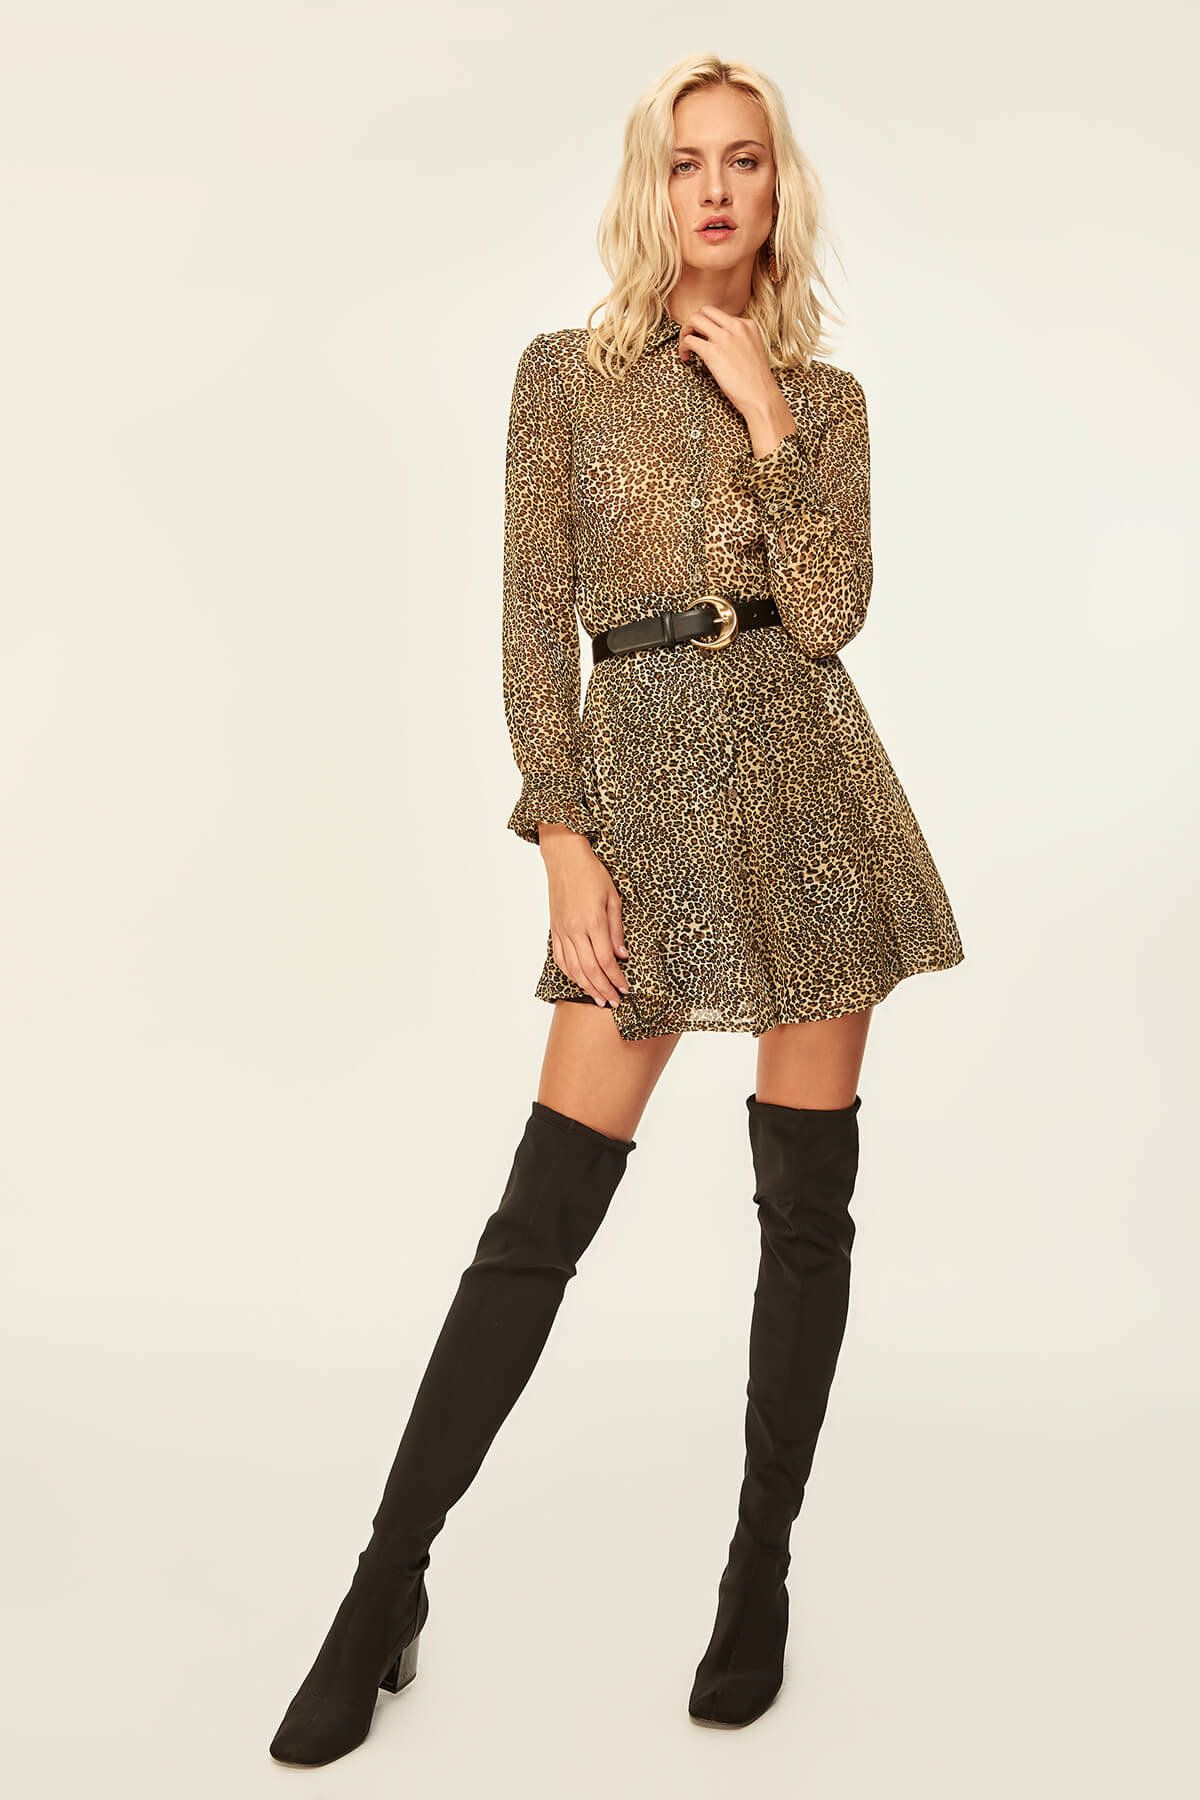 Siyah Leopar Desenli Elbise Tofaw19ti0128 Trendyolmilla Trendyol Elbise Moda Moda Kombinleri